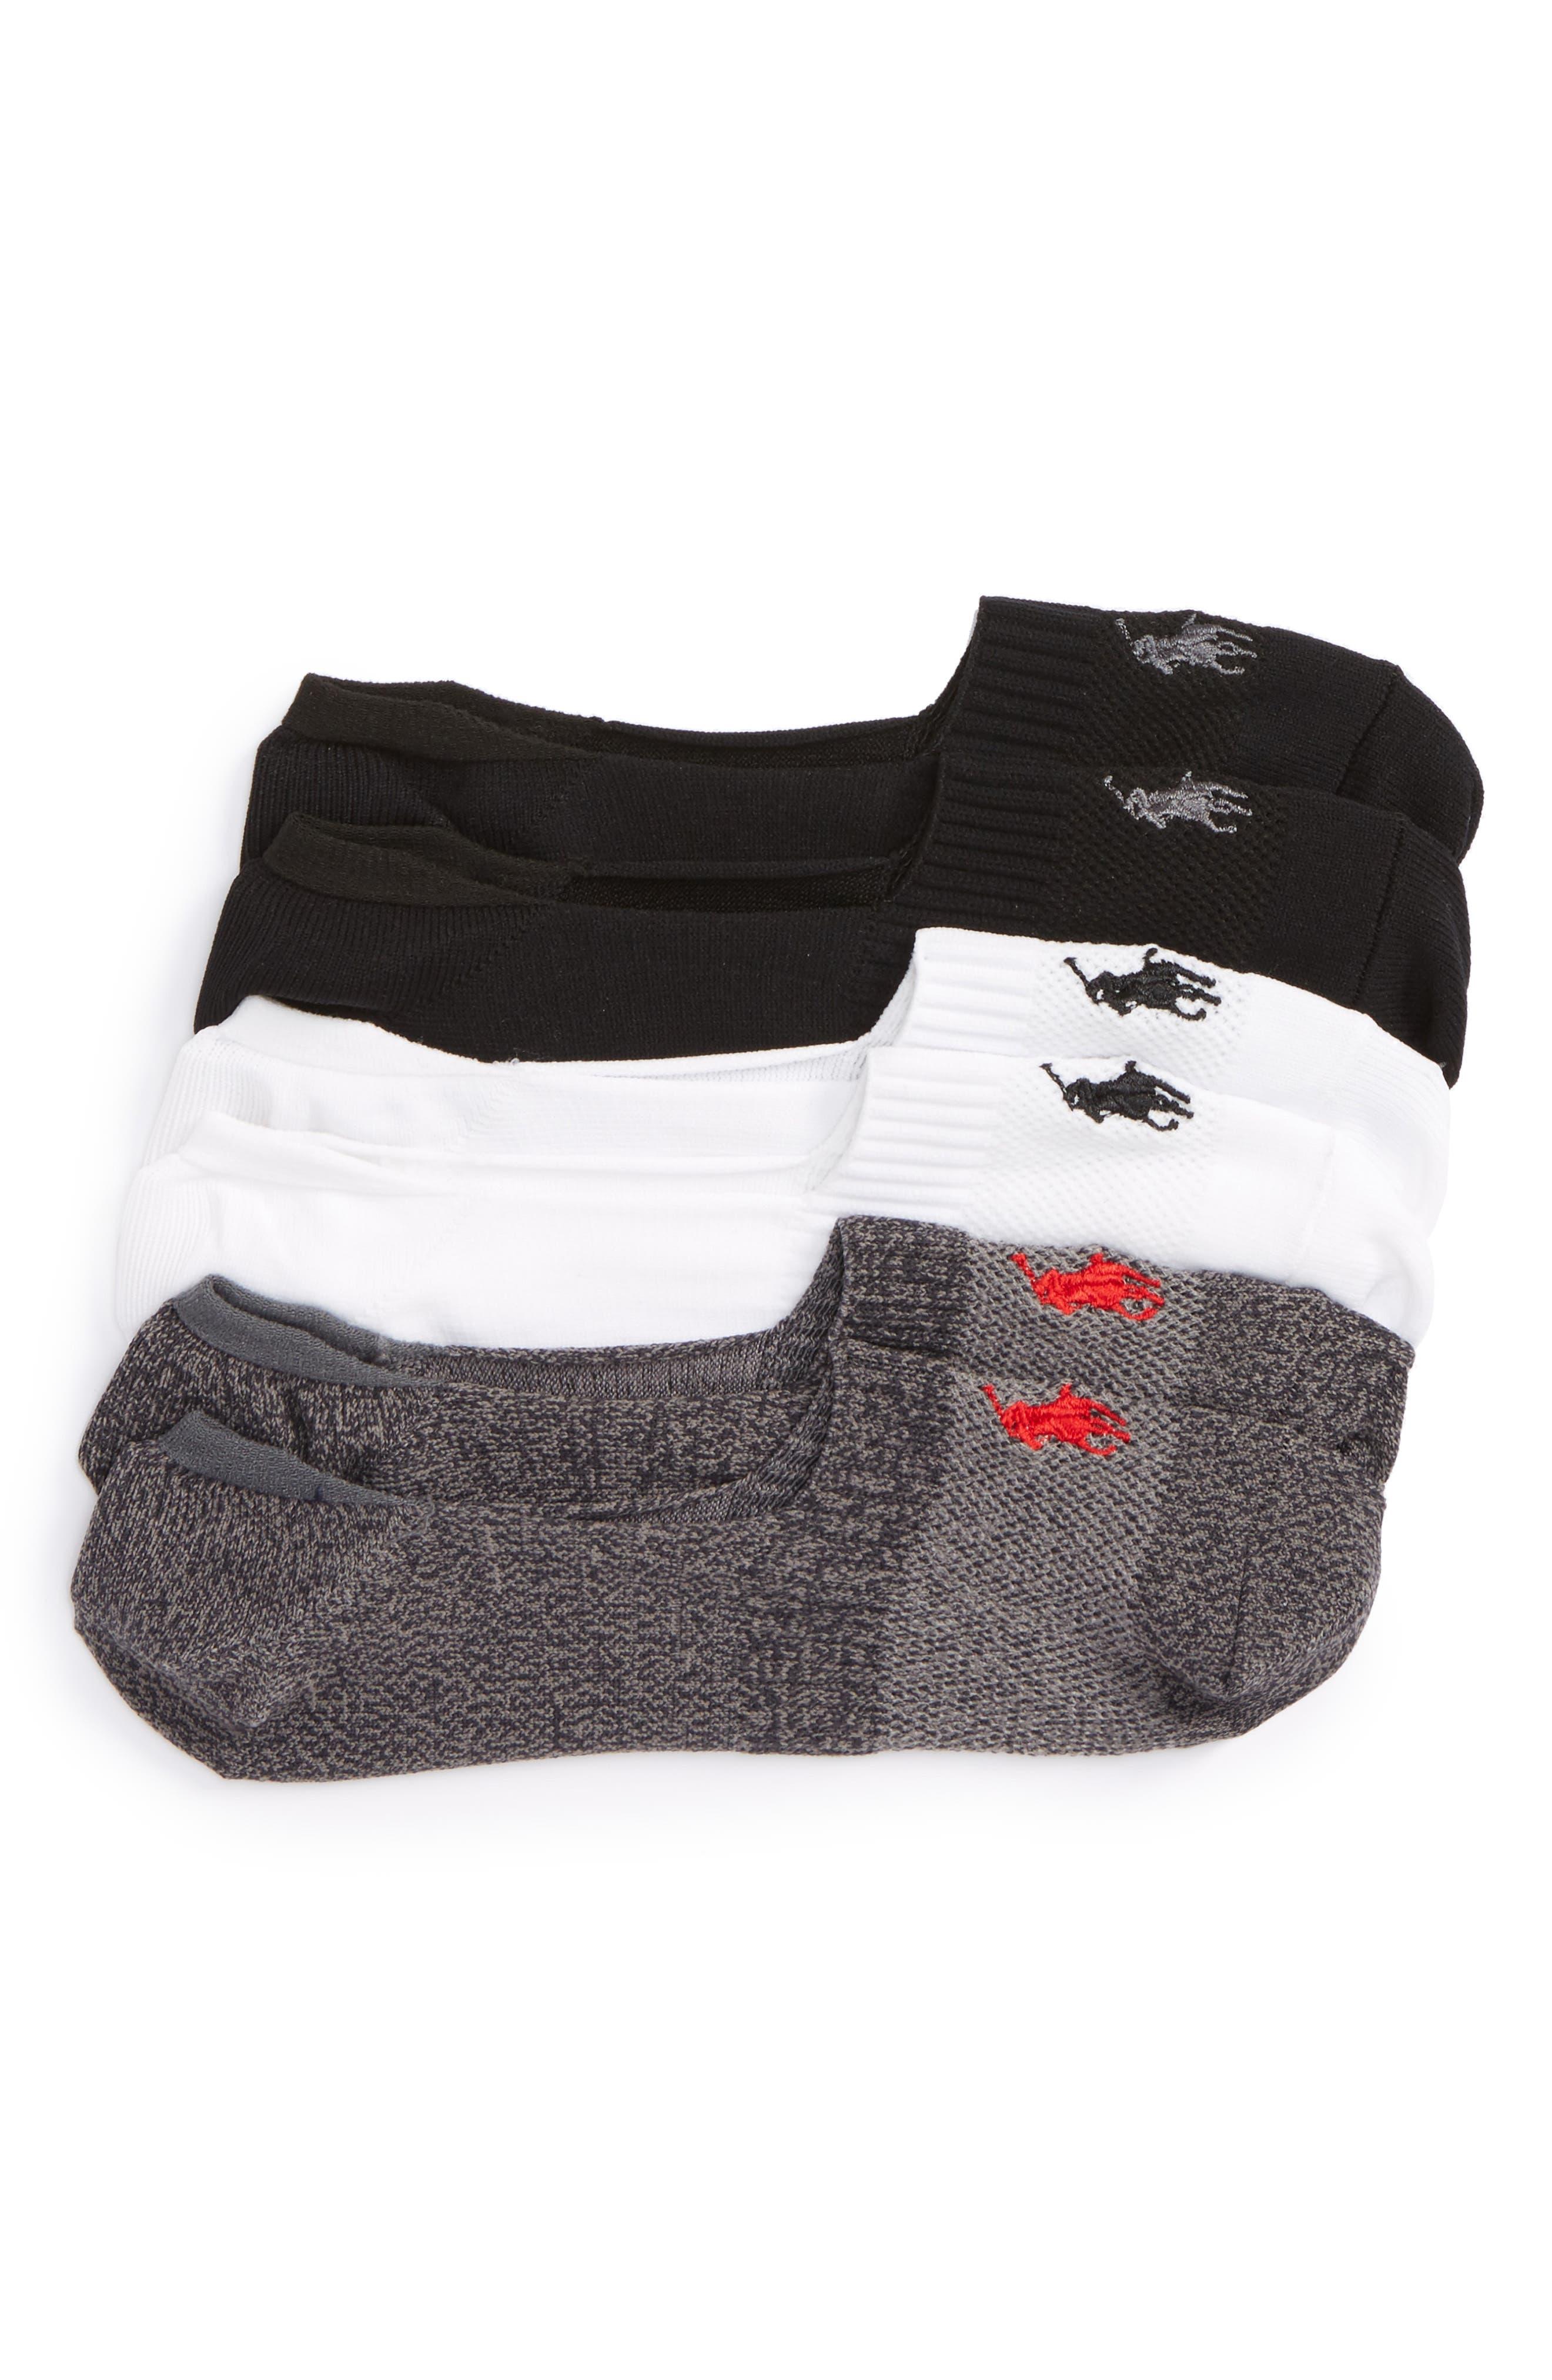 Polo Ralph Lauren 3-Pack Liner Socks